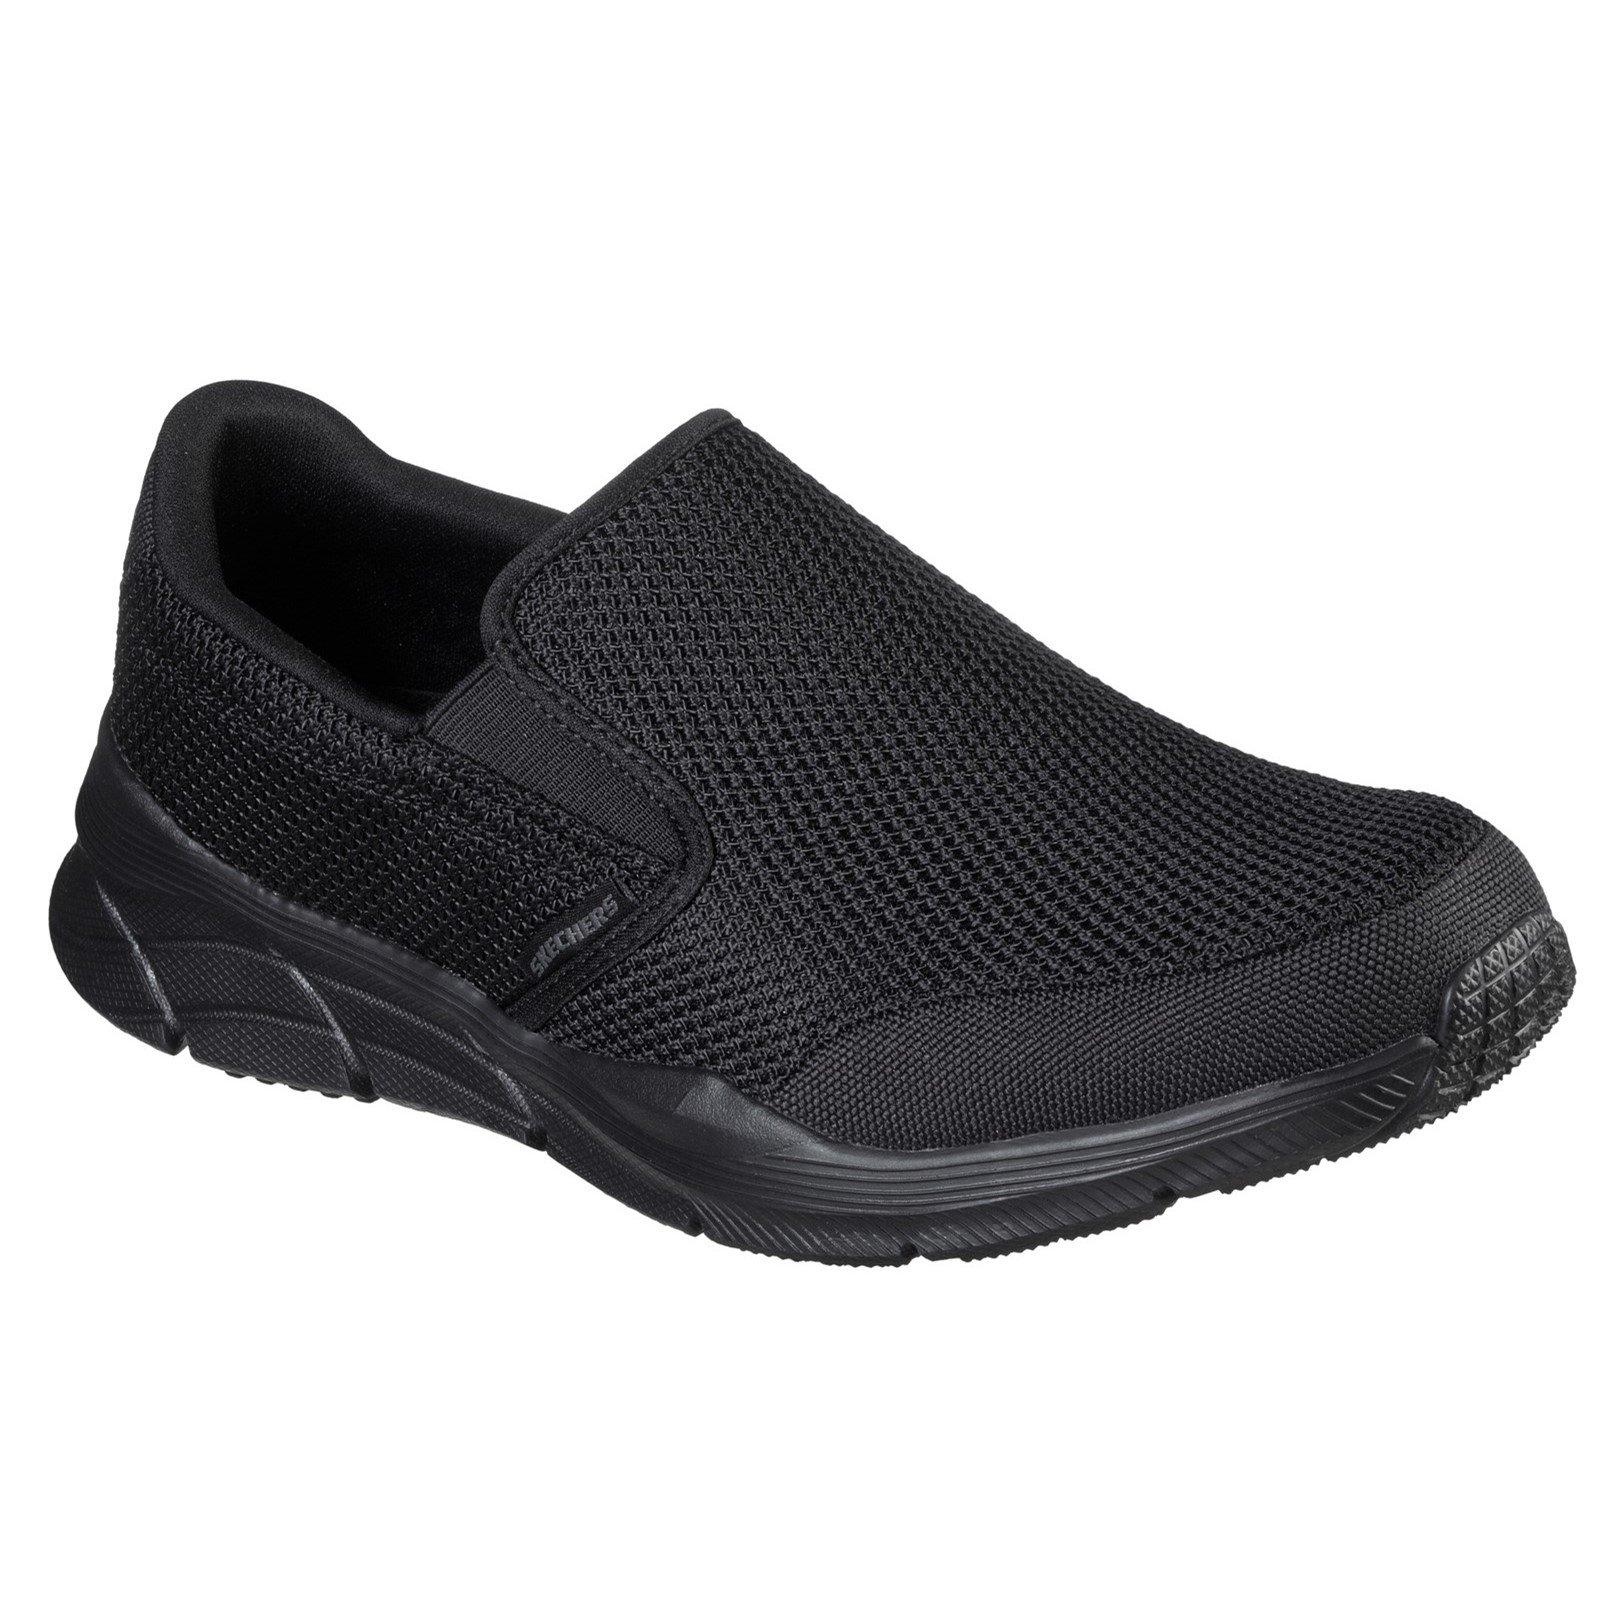 Skechers Men's Equalizer 4.0 Krimlin Wide Trainer Black 33073 - Black 8